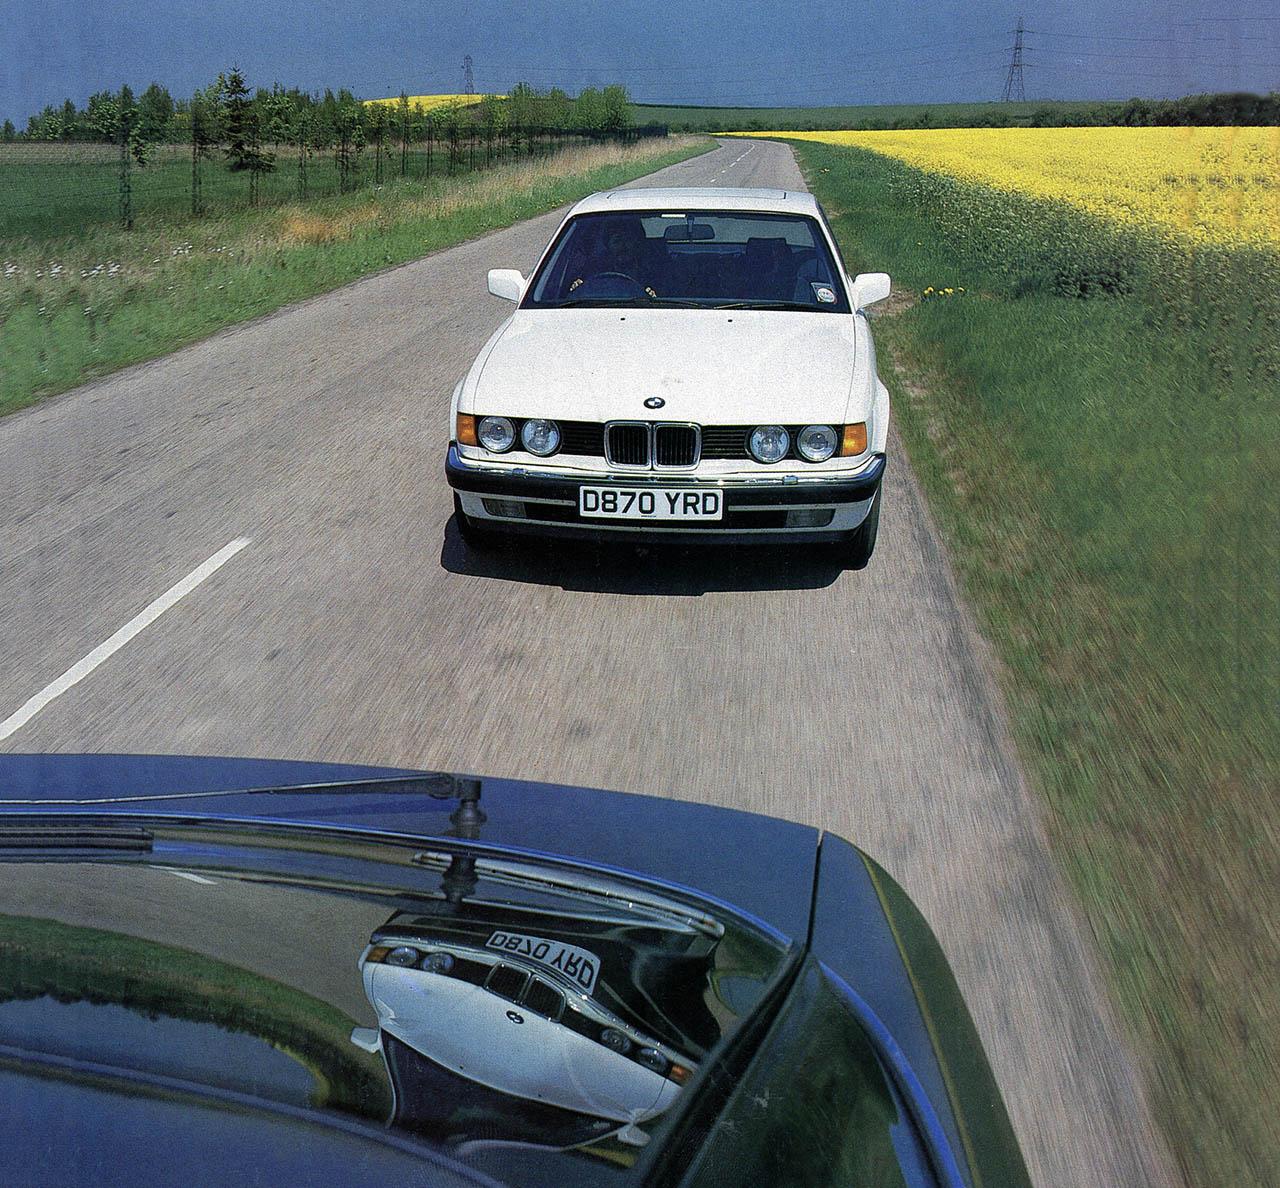 1987 BMW 730i E32 Vs Ford Granada 29 Scorpio Executive